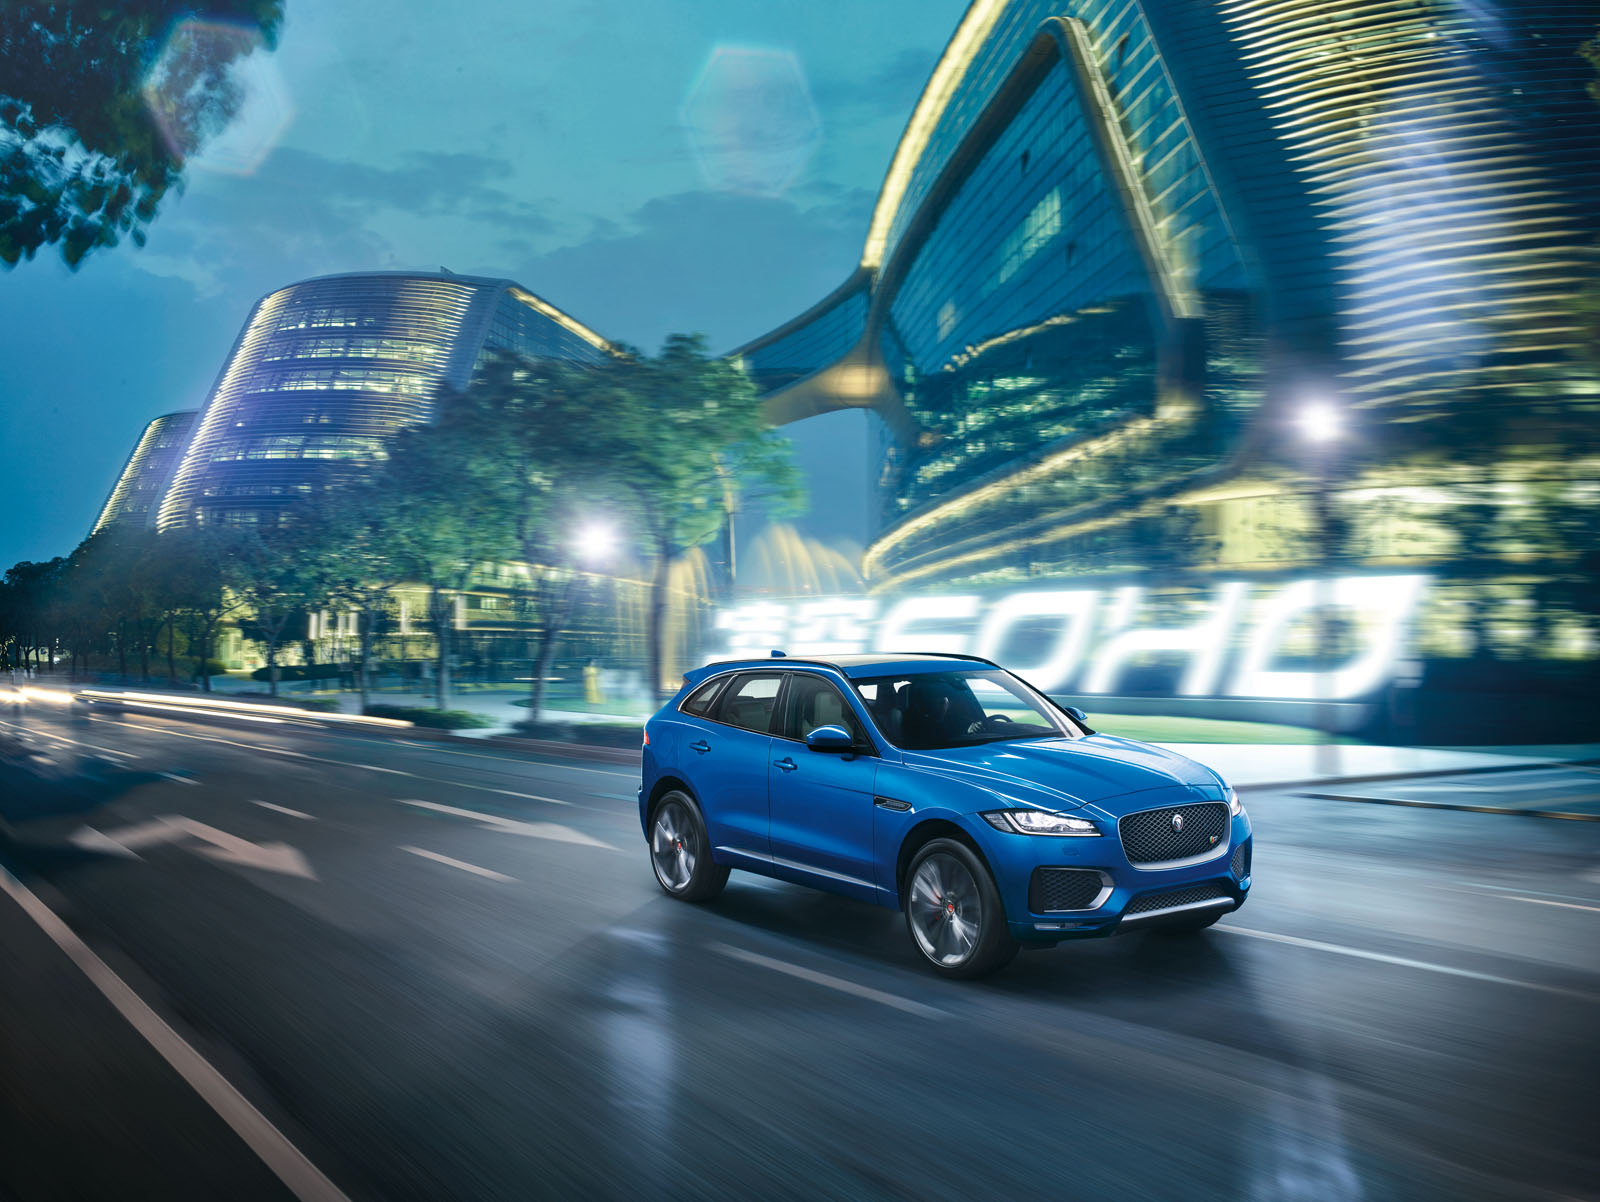 Jaguar F-Pace : à la conquête d'un nouveau marché - French ...